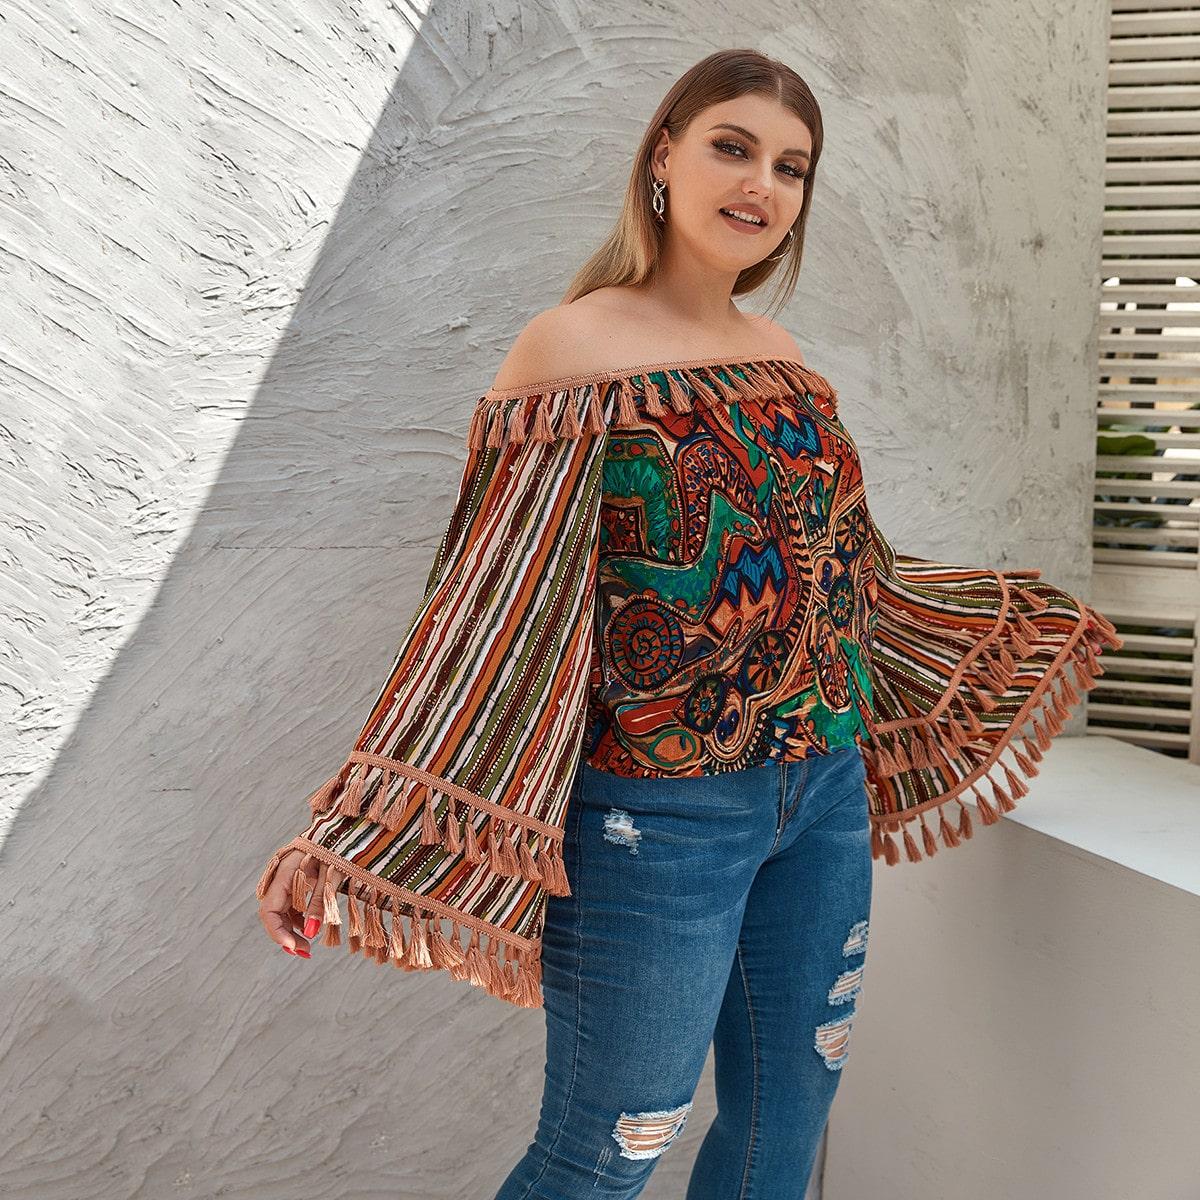 SHEIN / Schulterfreie Bluse mit Grafik, Streifen und Quasten